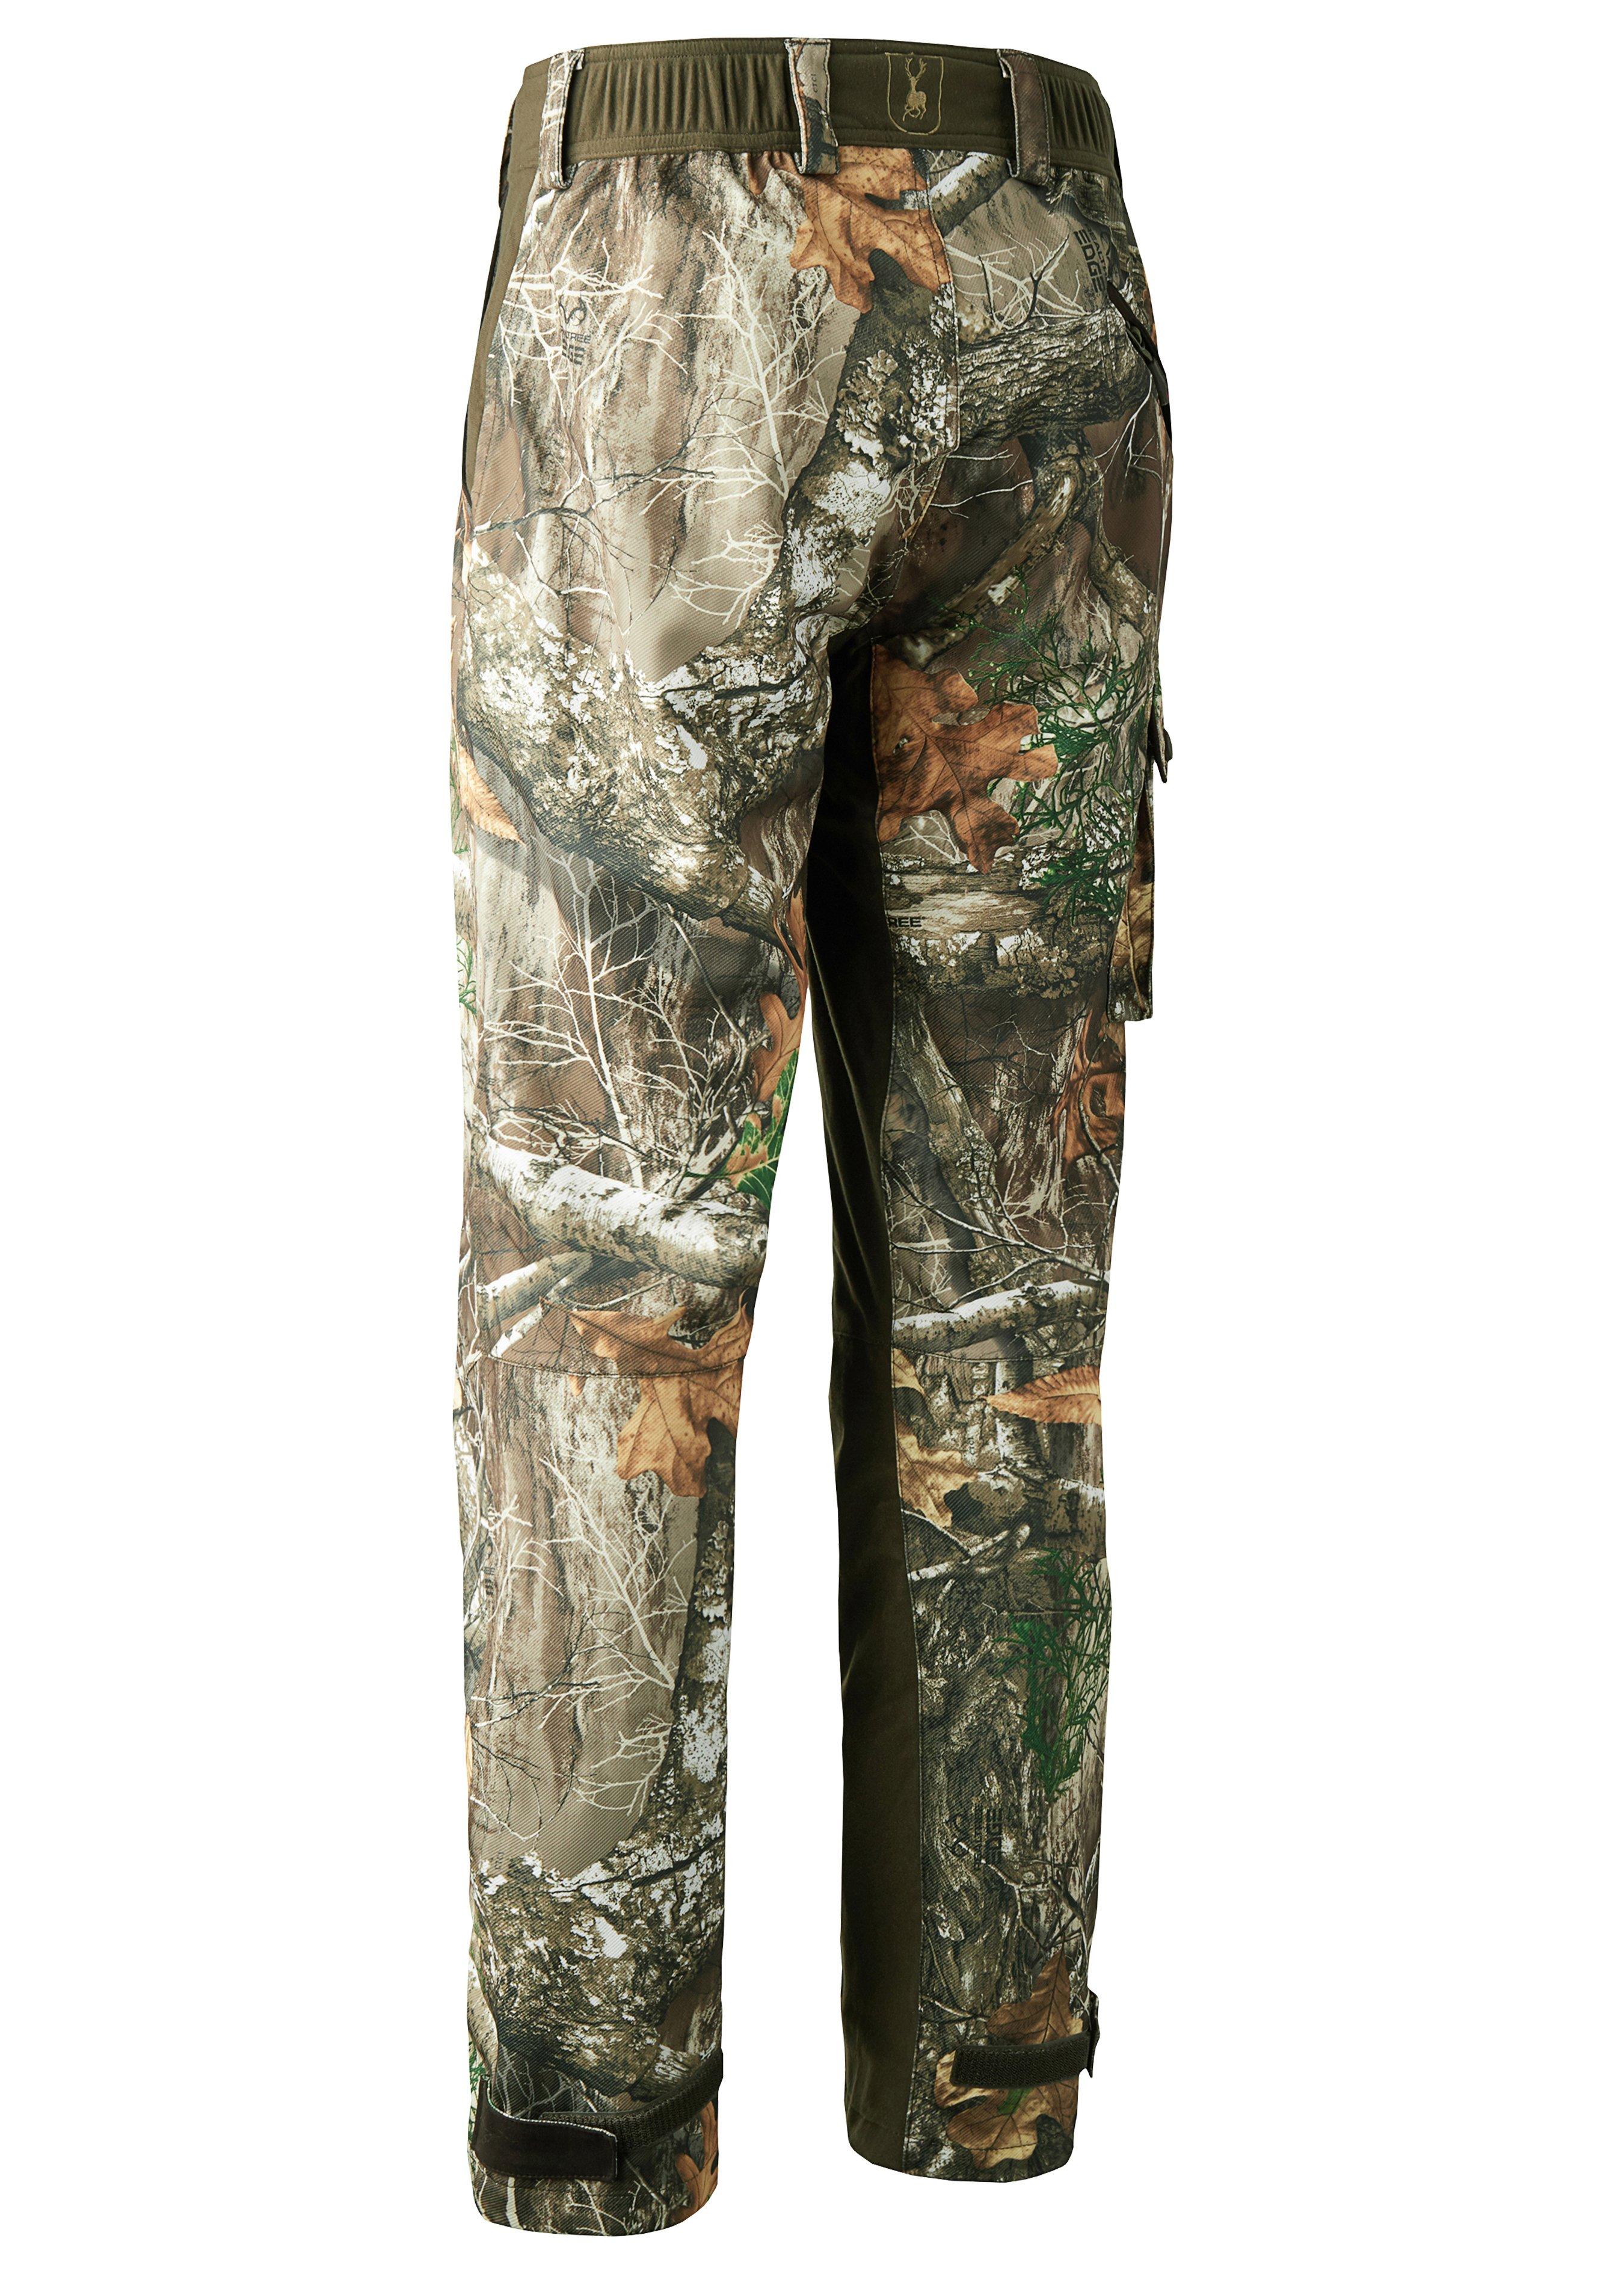 Pantalon de chasse Muflon légère Realtree 22122742 2